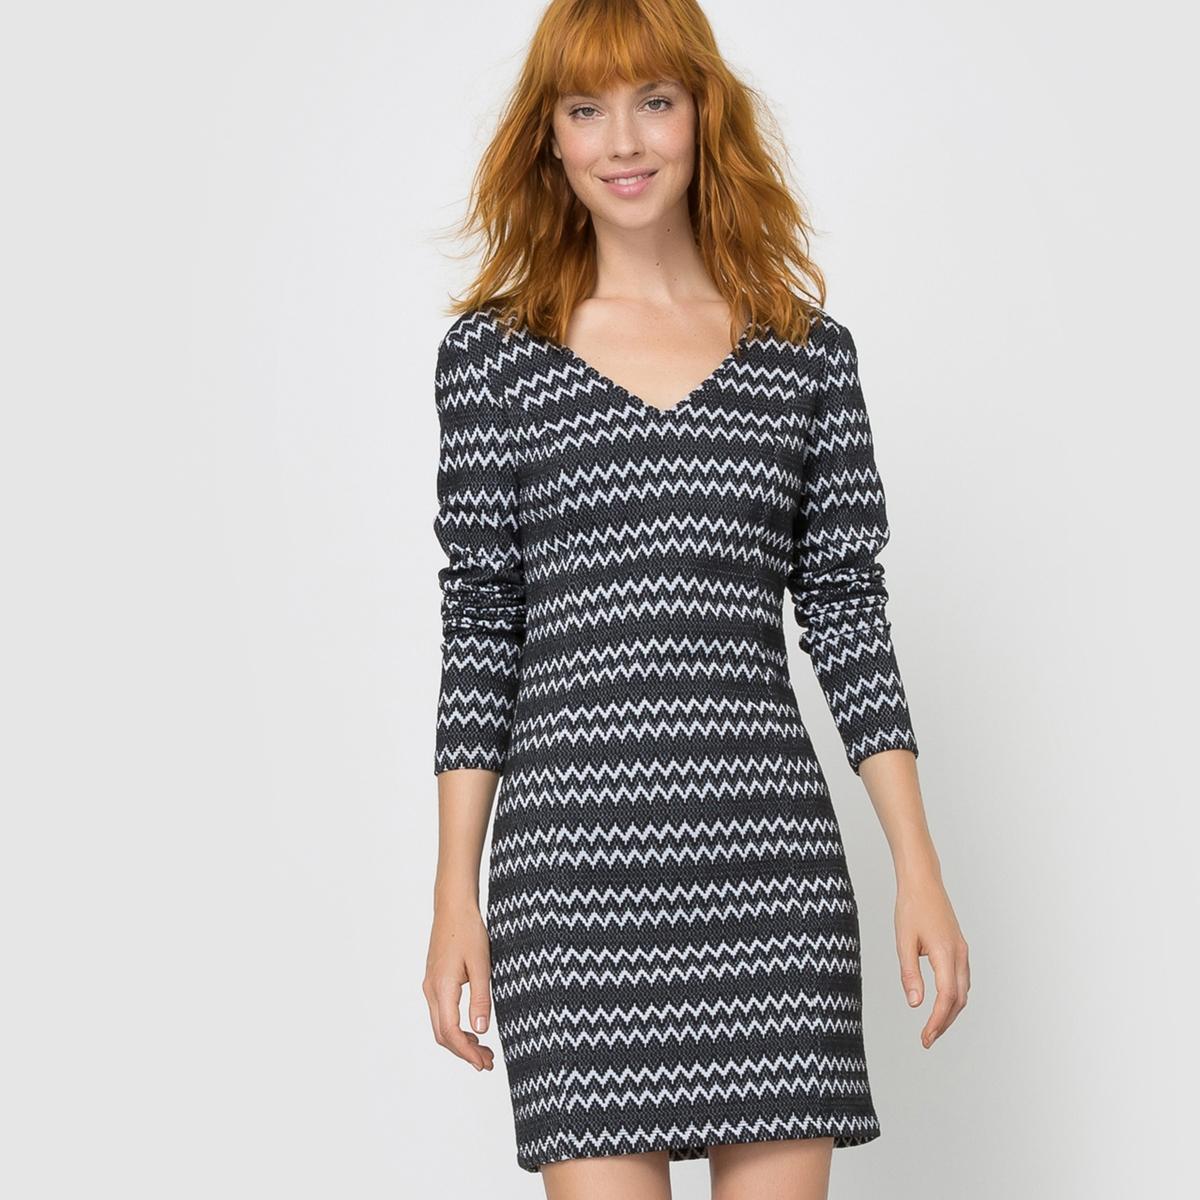 Платье облегающее с V-образным вырезом VIRIGGA DRESSСостав и описание :Материал : 72% хлопка, 26% полиэстера, 2% эластанаМарка : VILA.<br><br>Цвет: черный/ белый<br>Размер: M